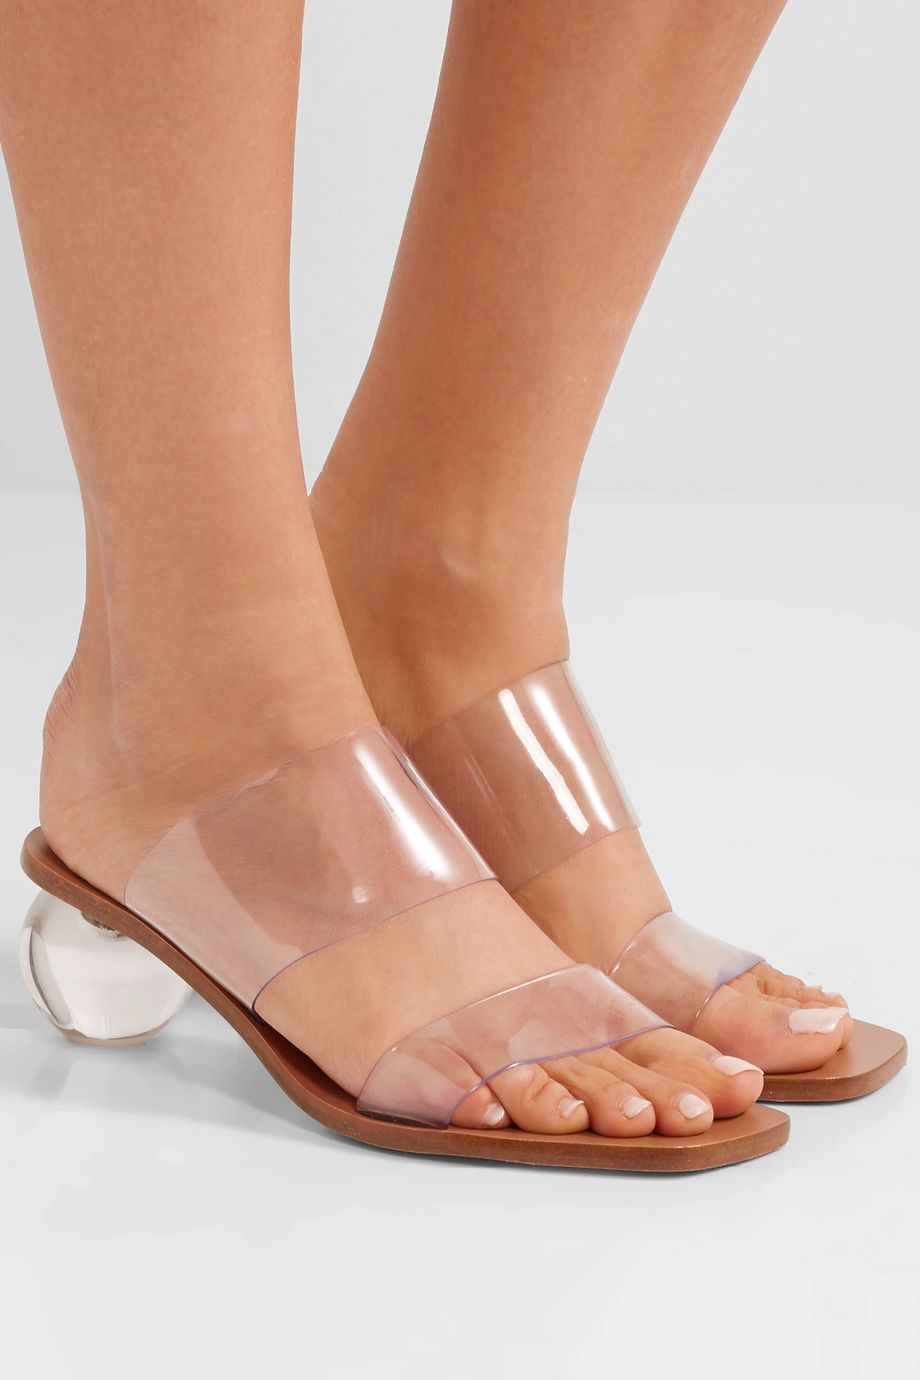 Cult Gaia Jila vinyl sandals